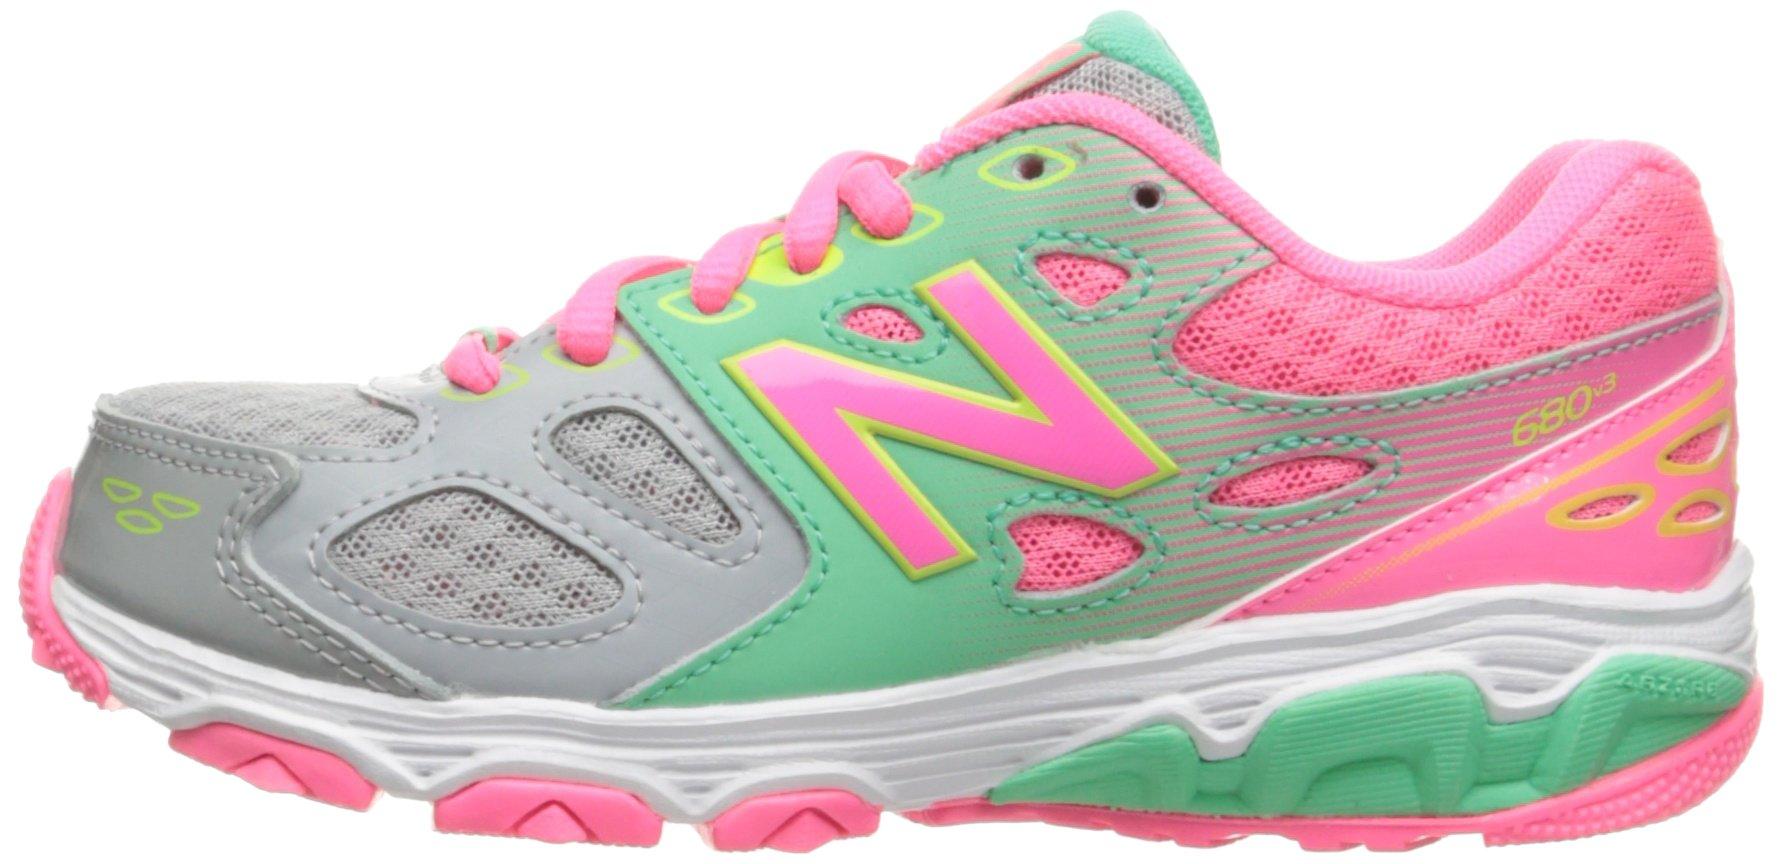 New Balance Kids Kr Running Shoe